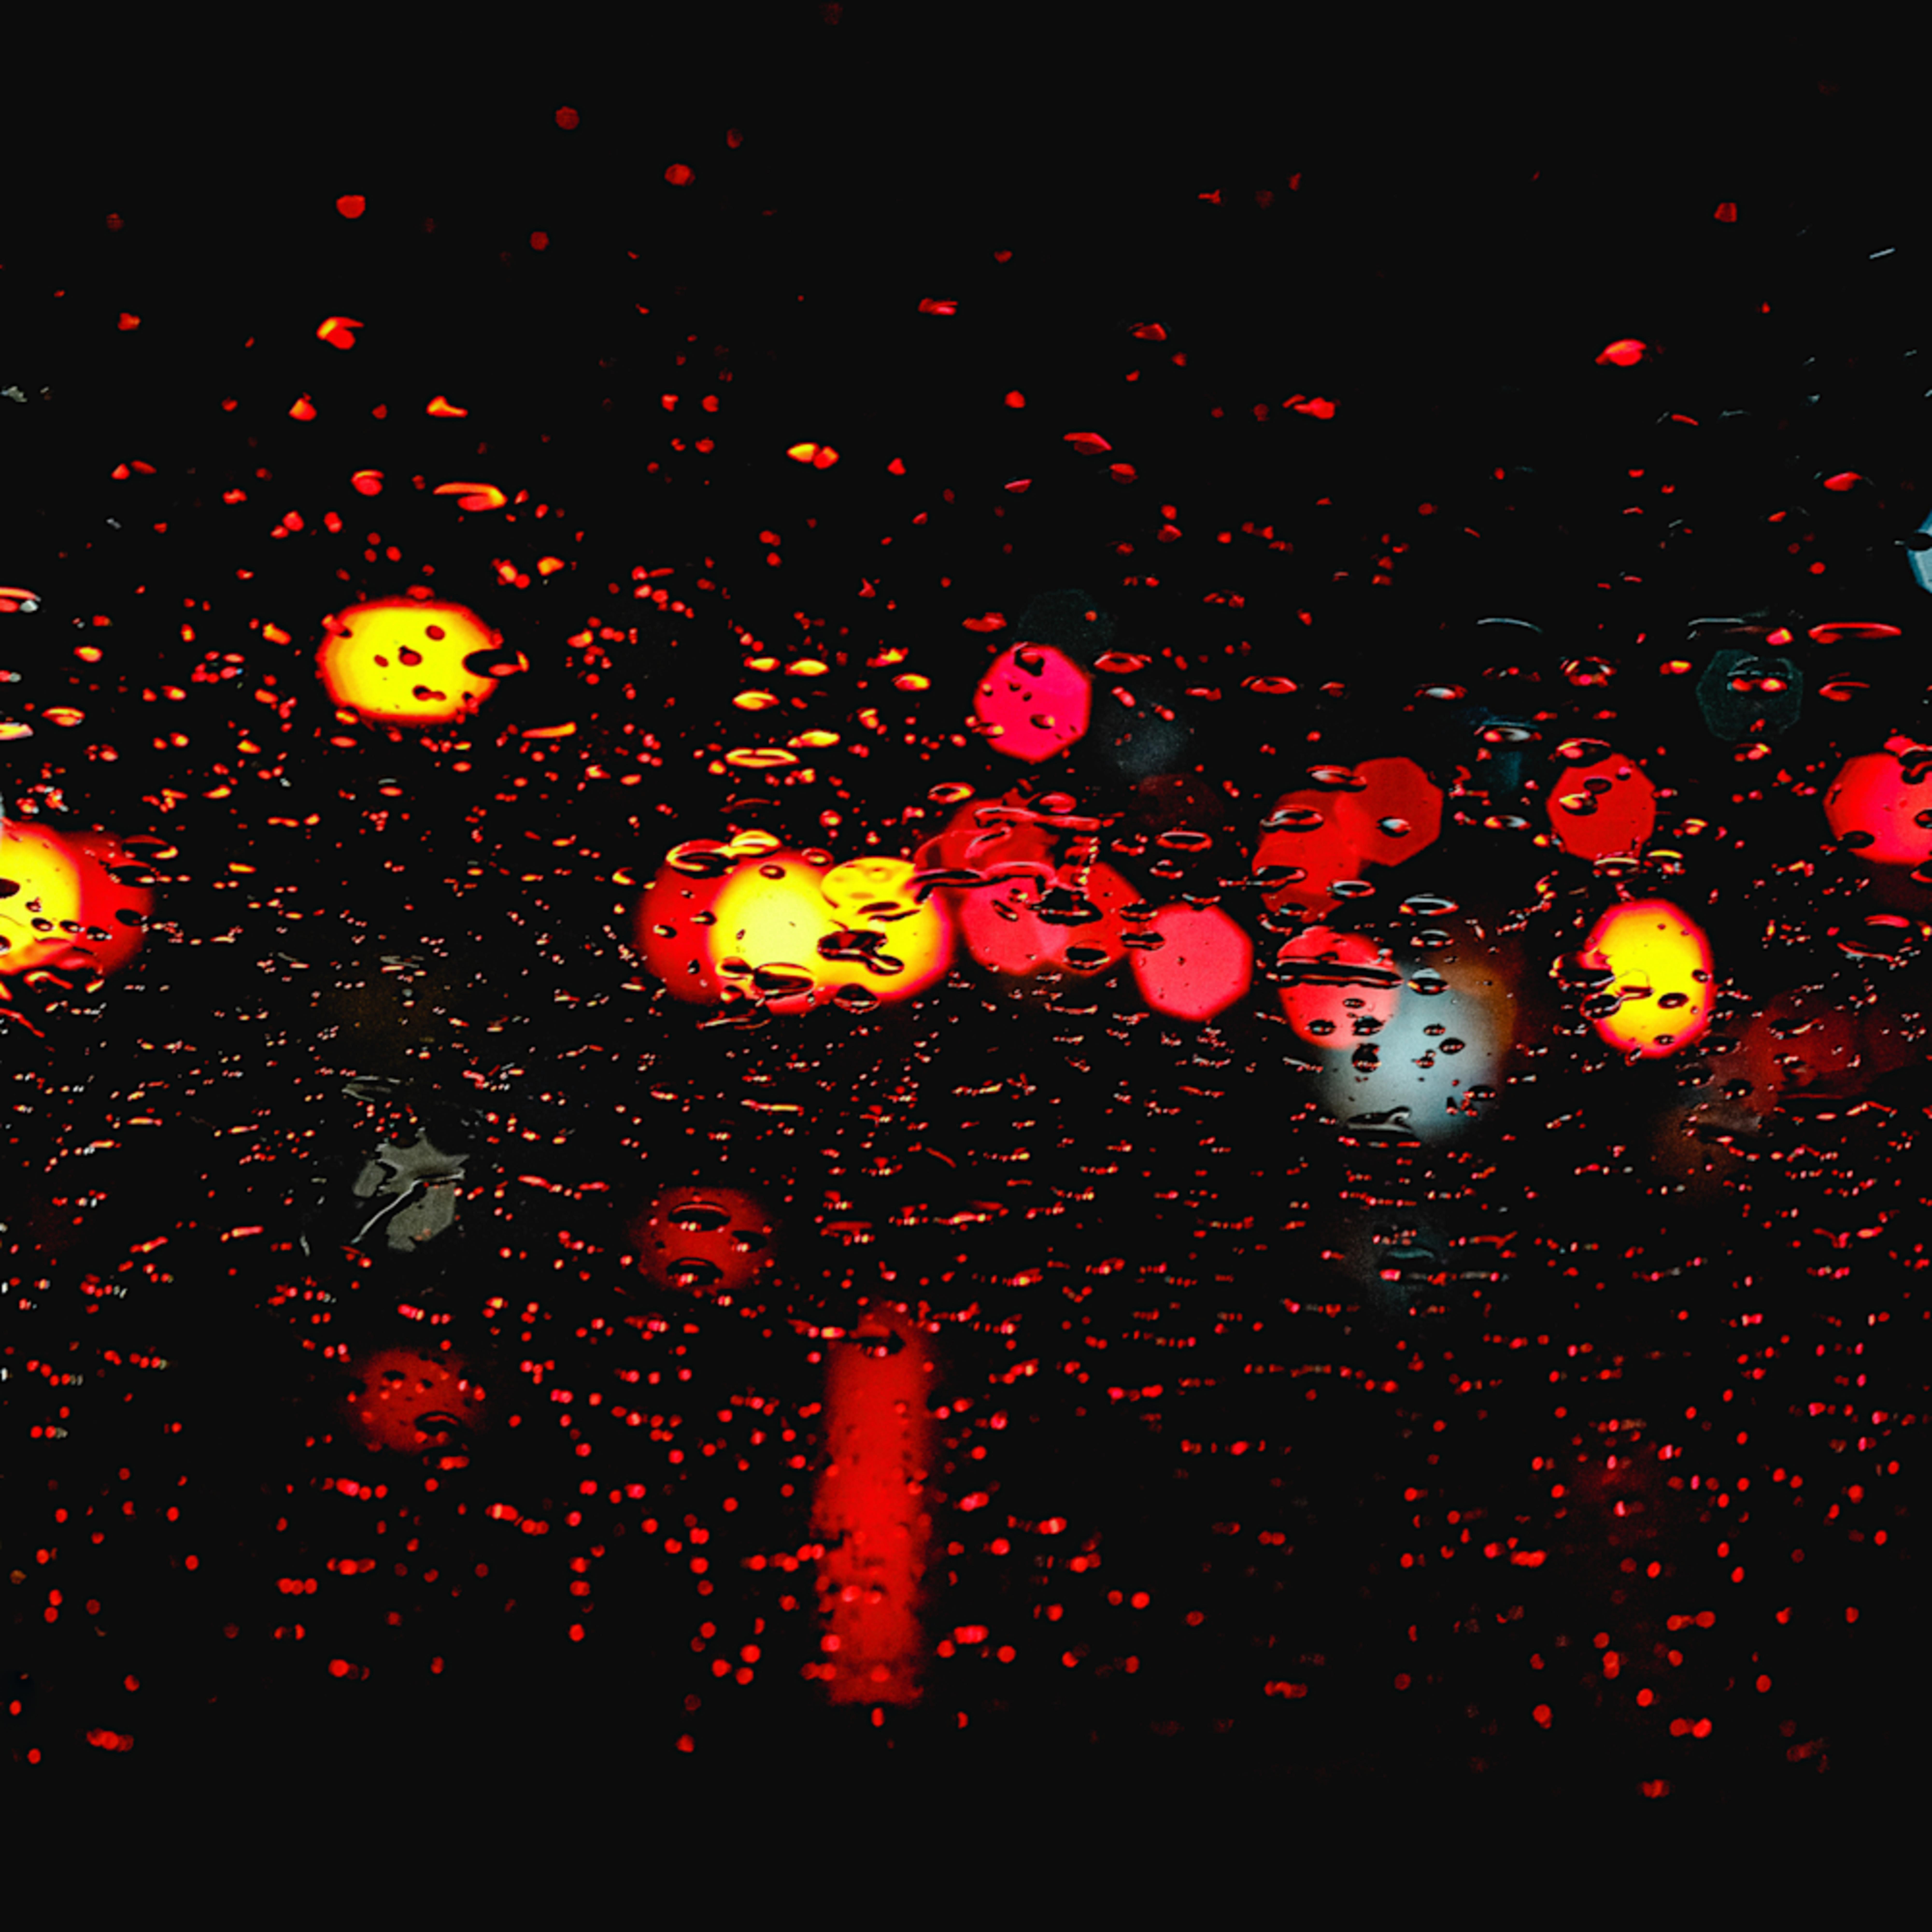 Dscf5645 2 red and yellow rain bi4tre